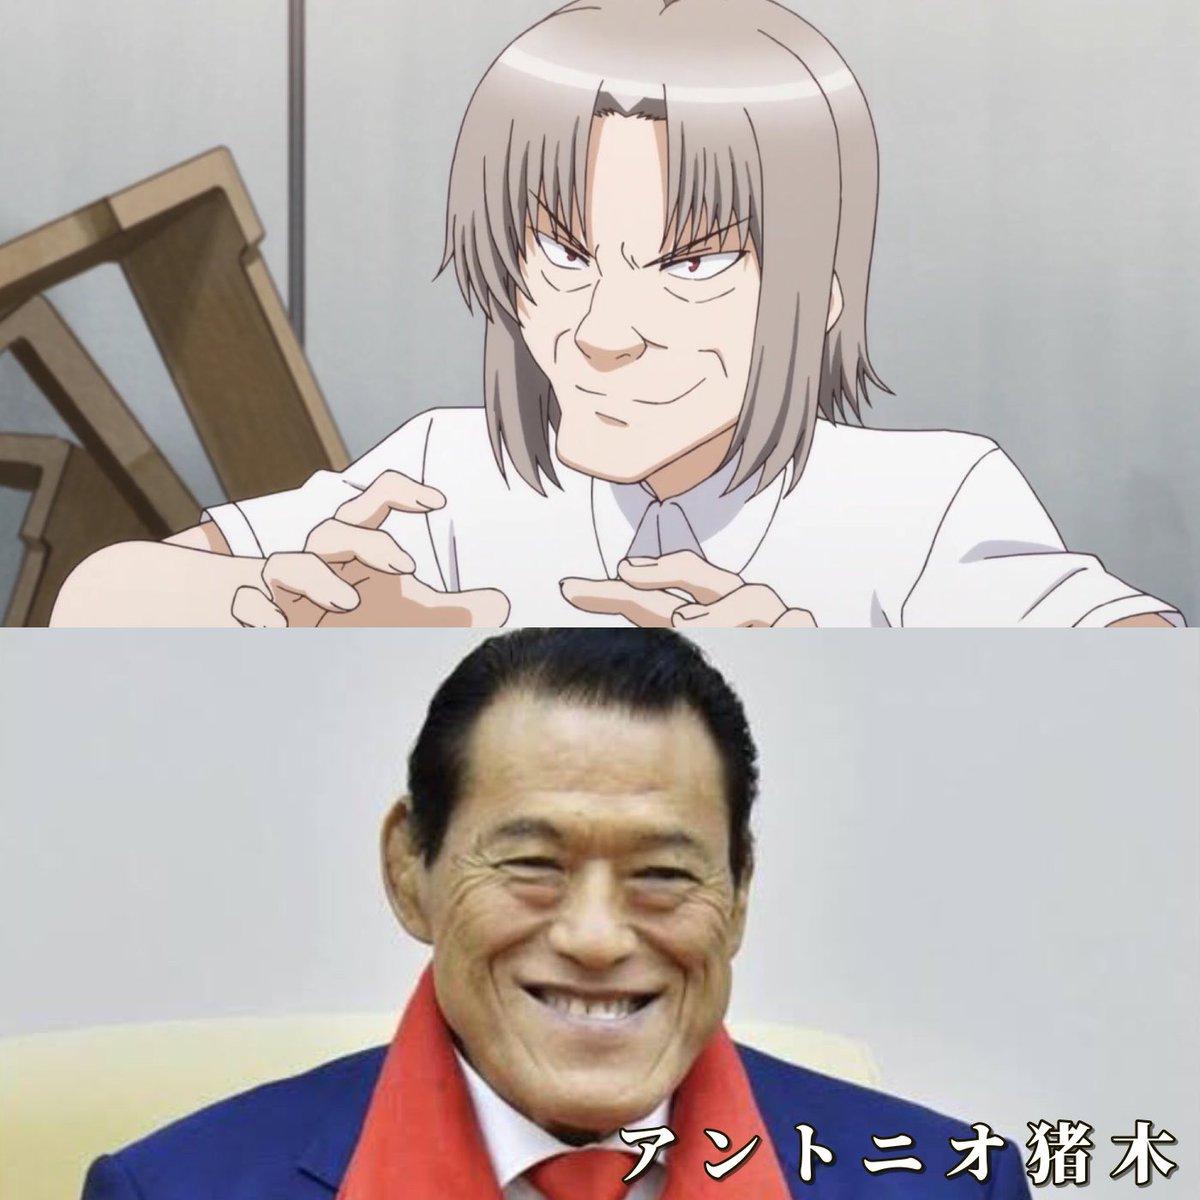 アニメに出演したことがある政治家